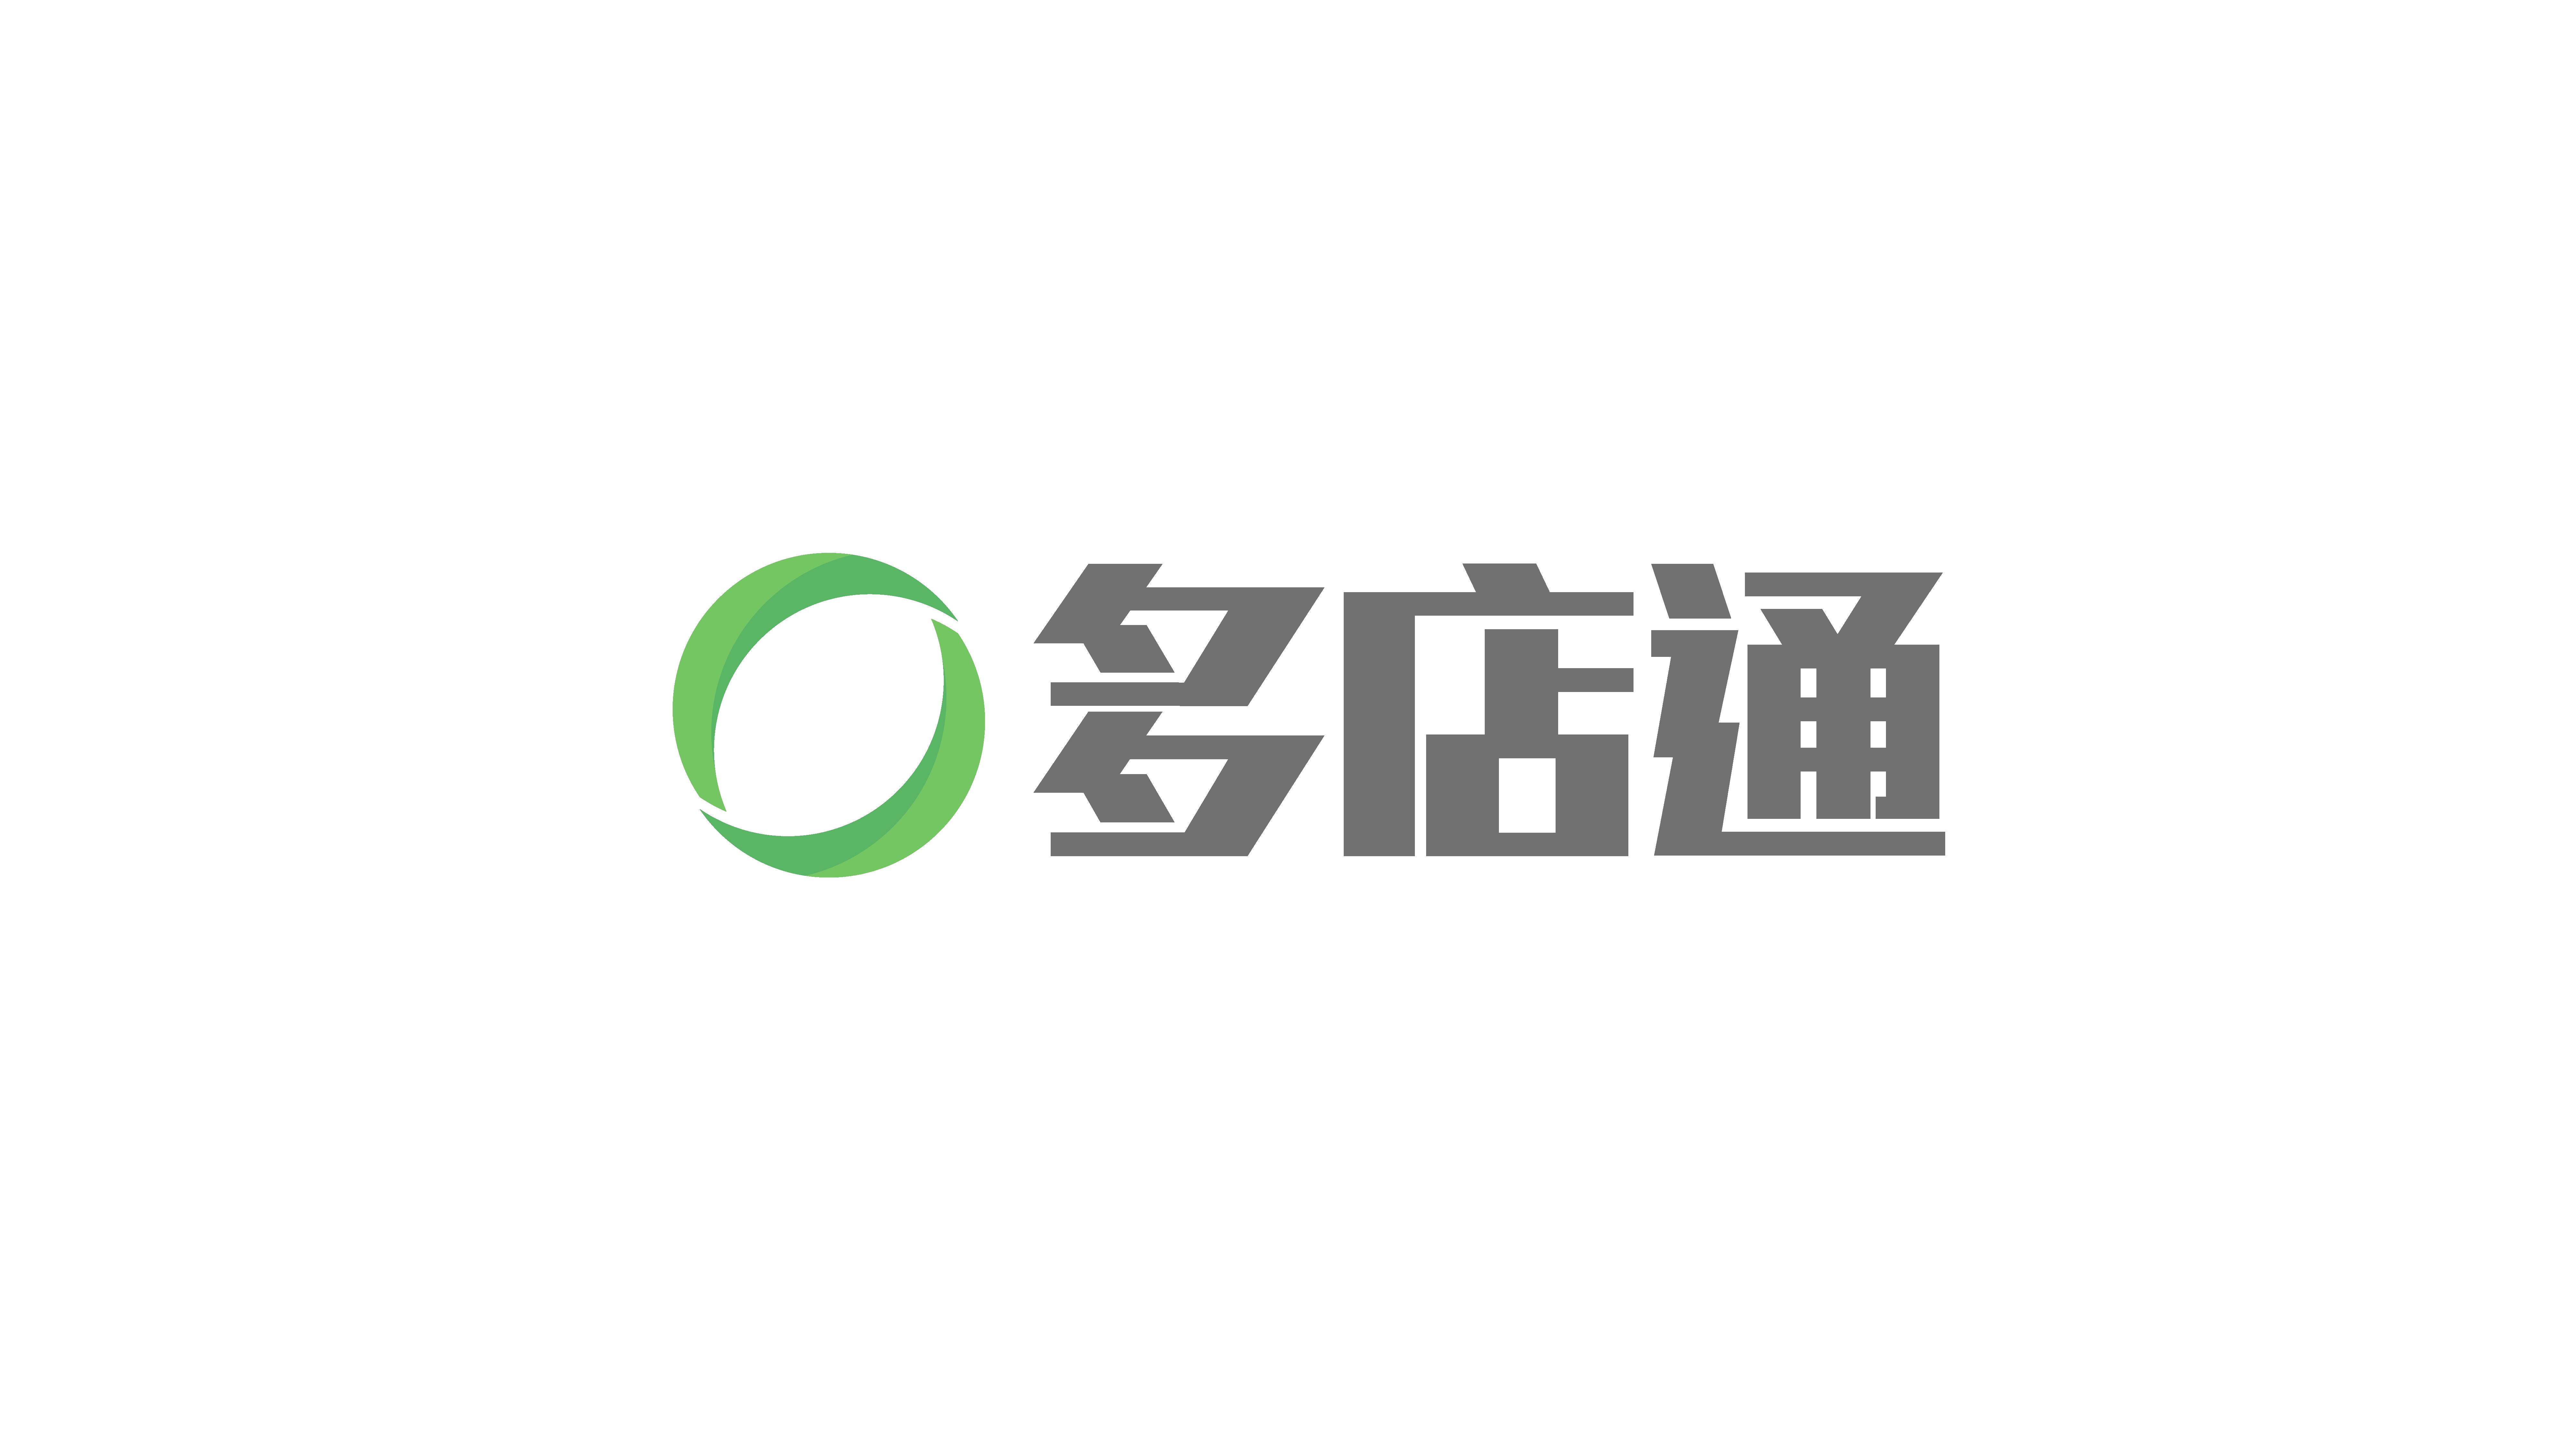 魔筷多店通商城系统